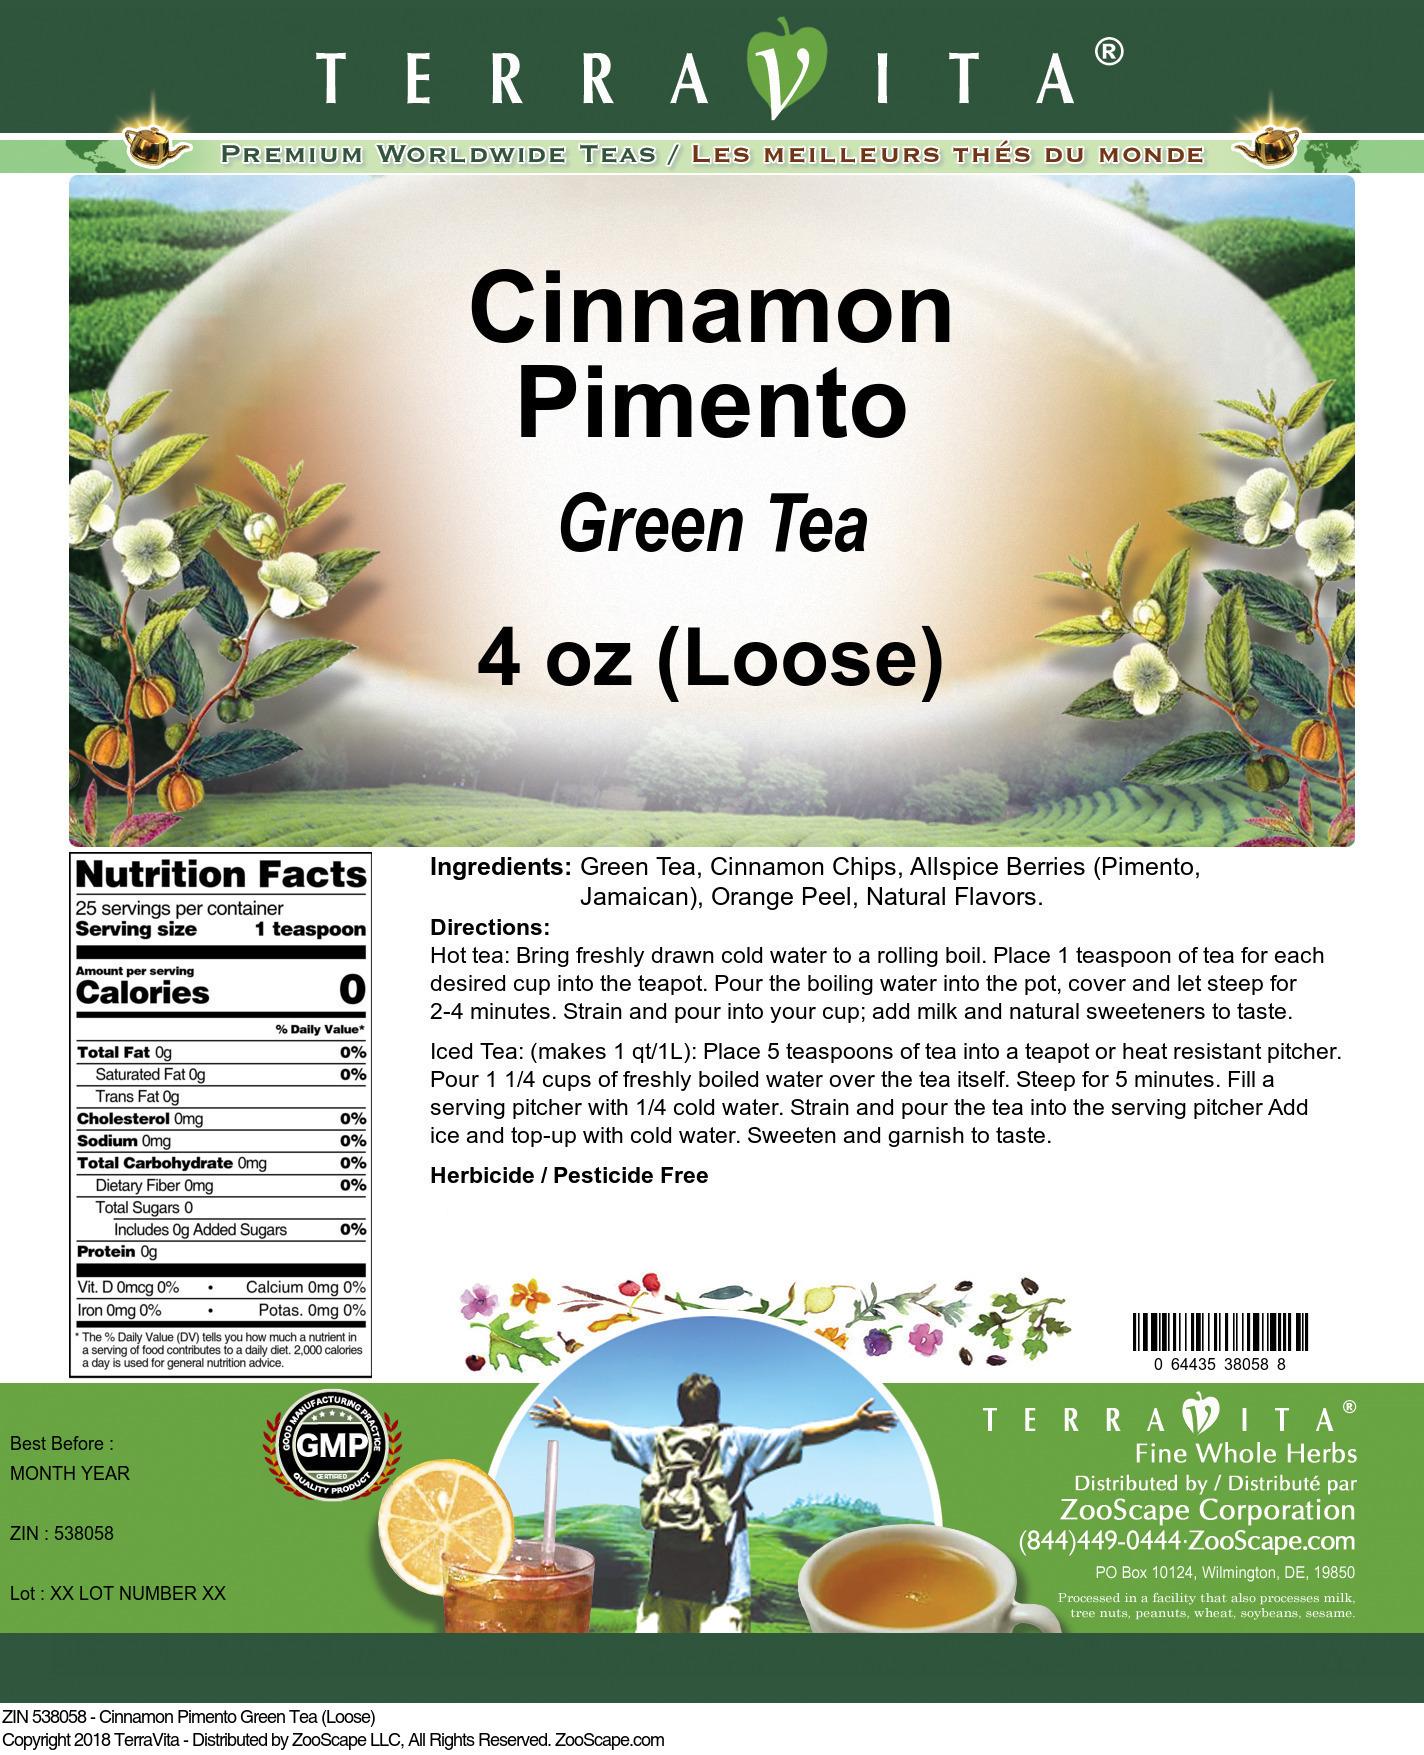 Cinnamon Pimento Green Tea (Loose)